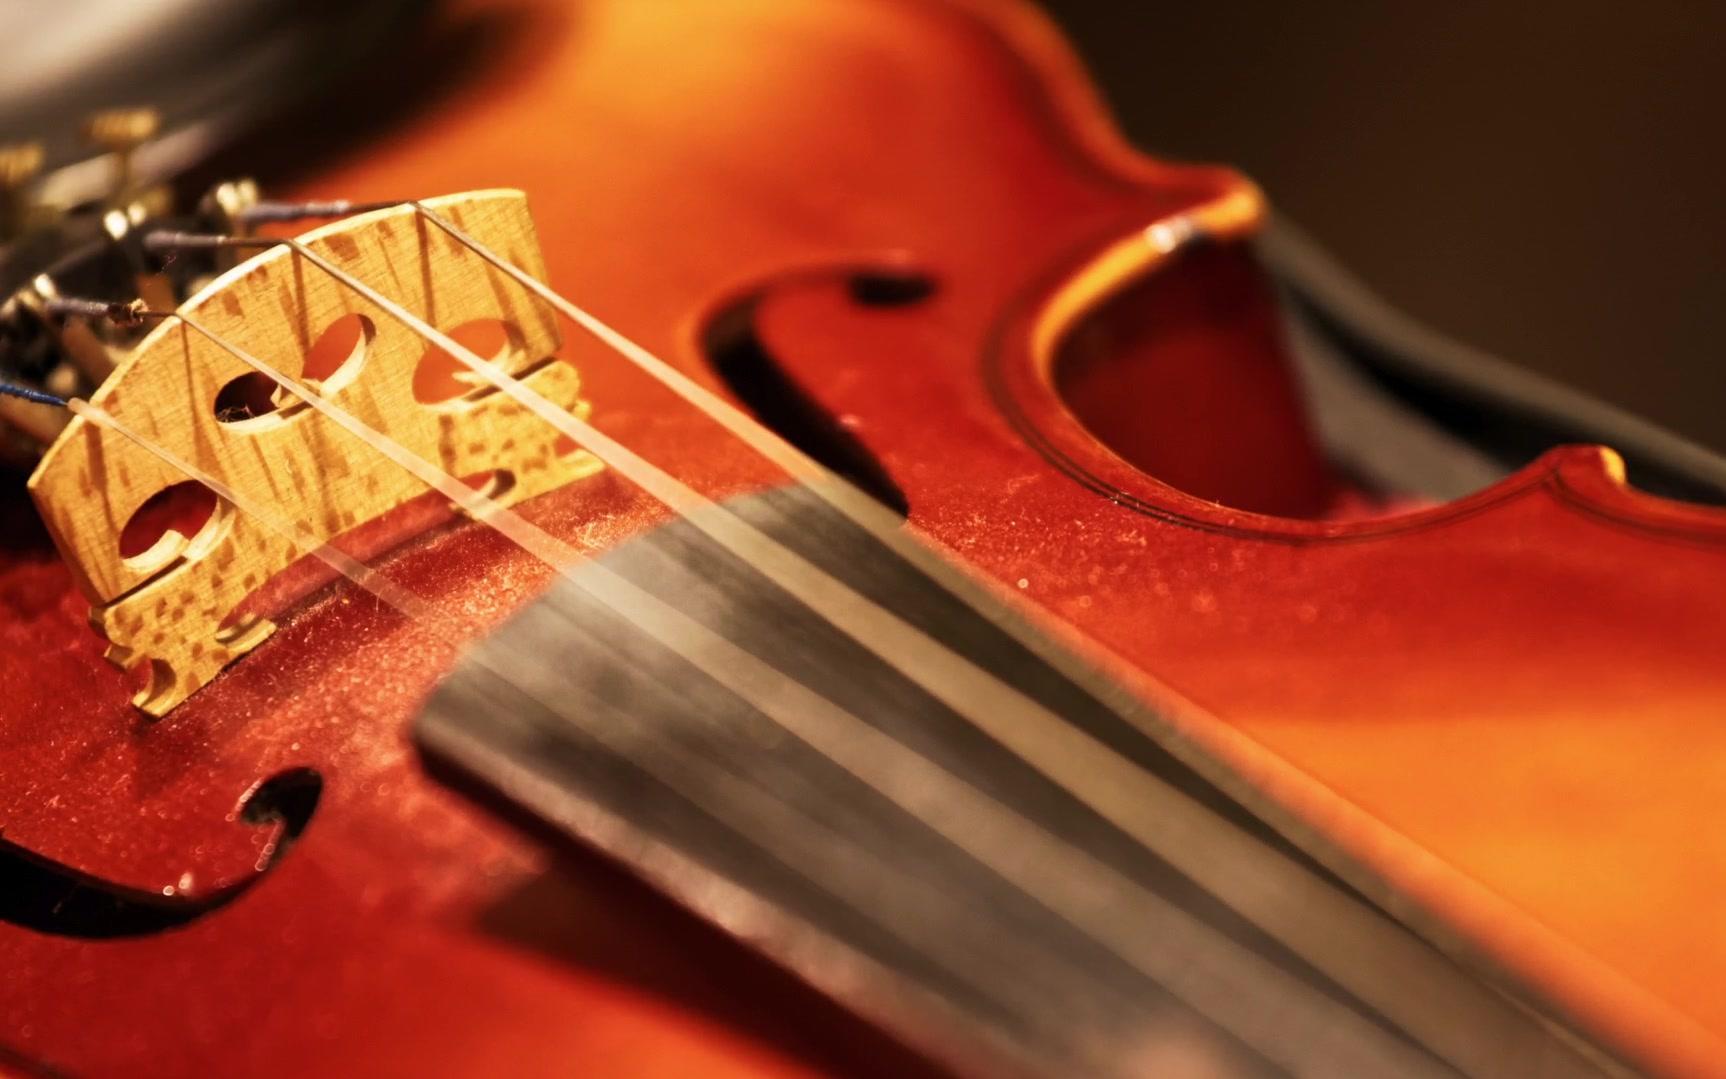 小提琴齐奏沂蒙山之歌-小提琴演奏教程-沂蒙山小提琴图片